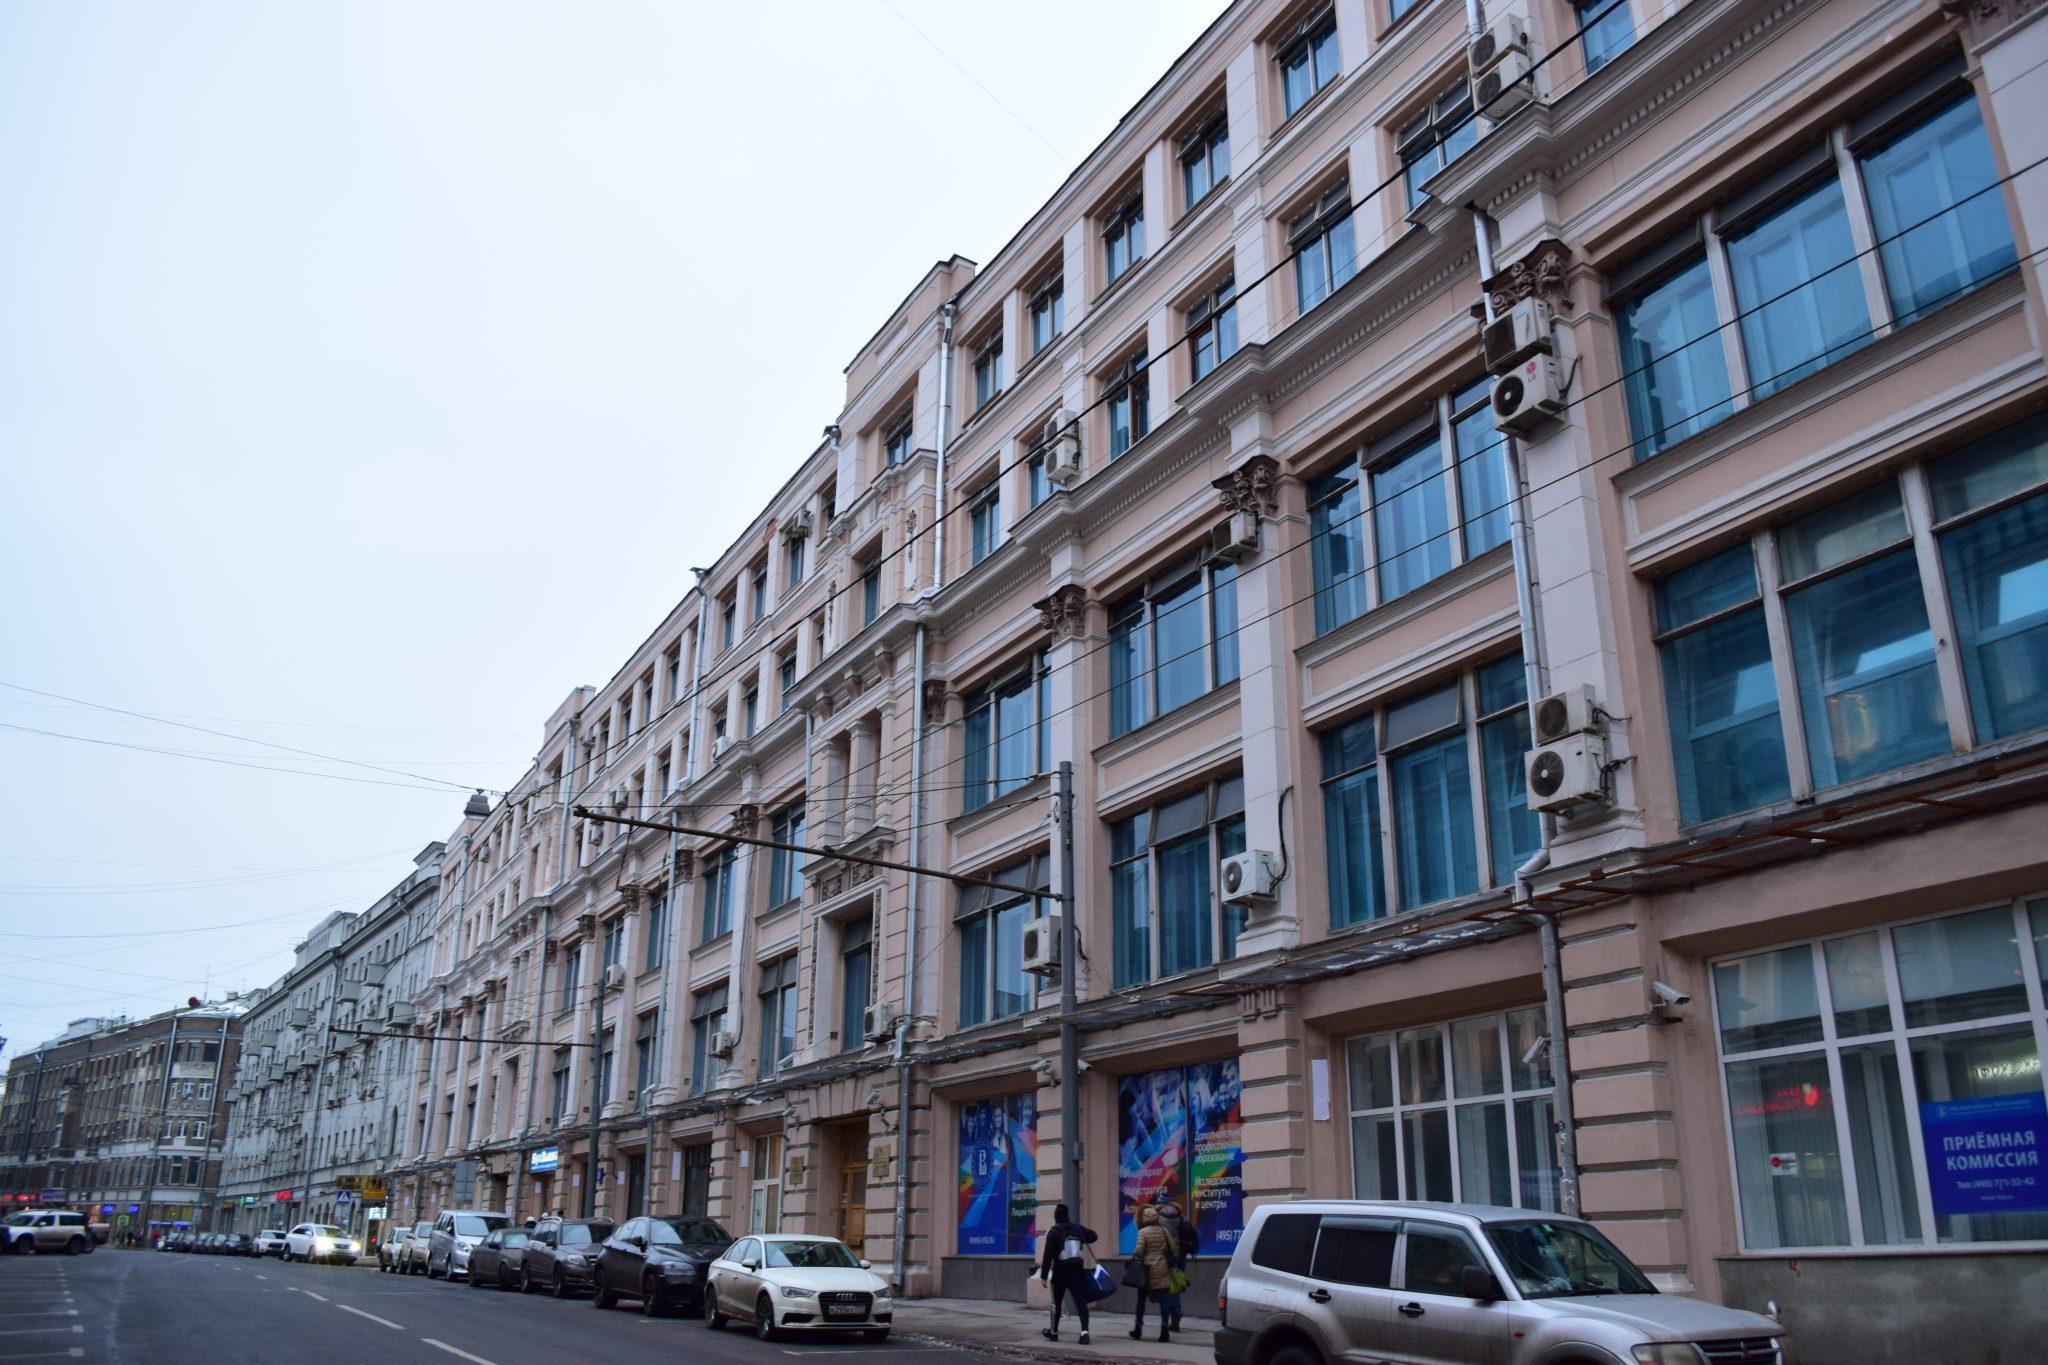 Чеки для налоговой Мясницкая улица образец справки из банка для получения визы